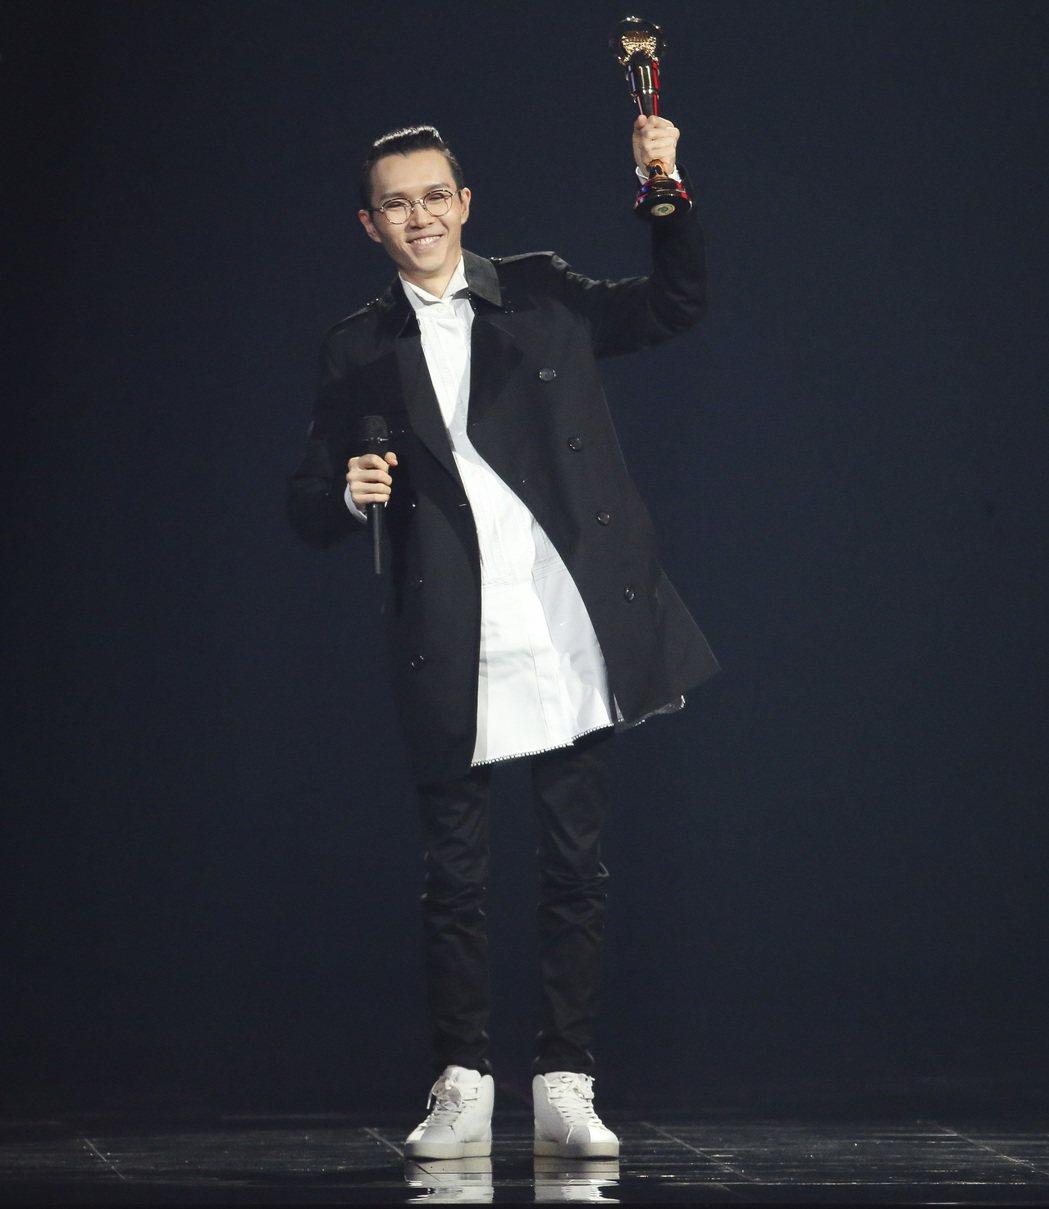 第28屆金曲獎,林俊傑擔任頒獎人,方大同獲得最佳國語男歌手獎。記者陳立凱/攝影